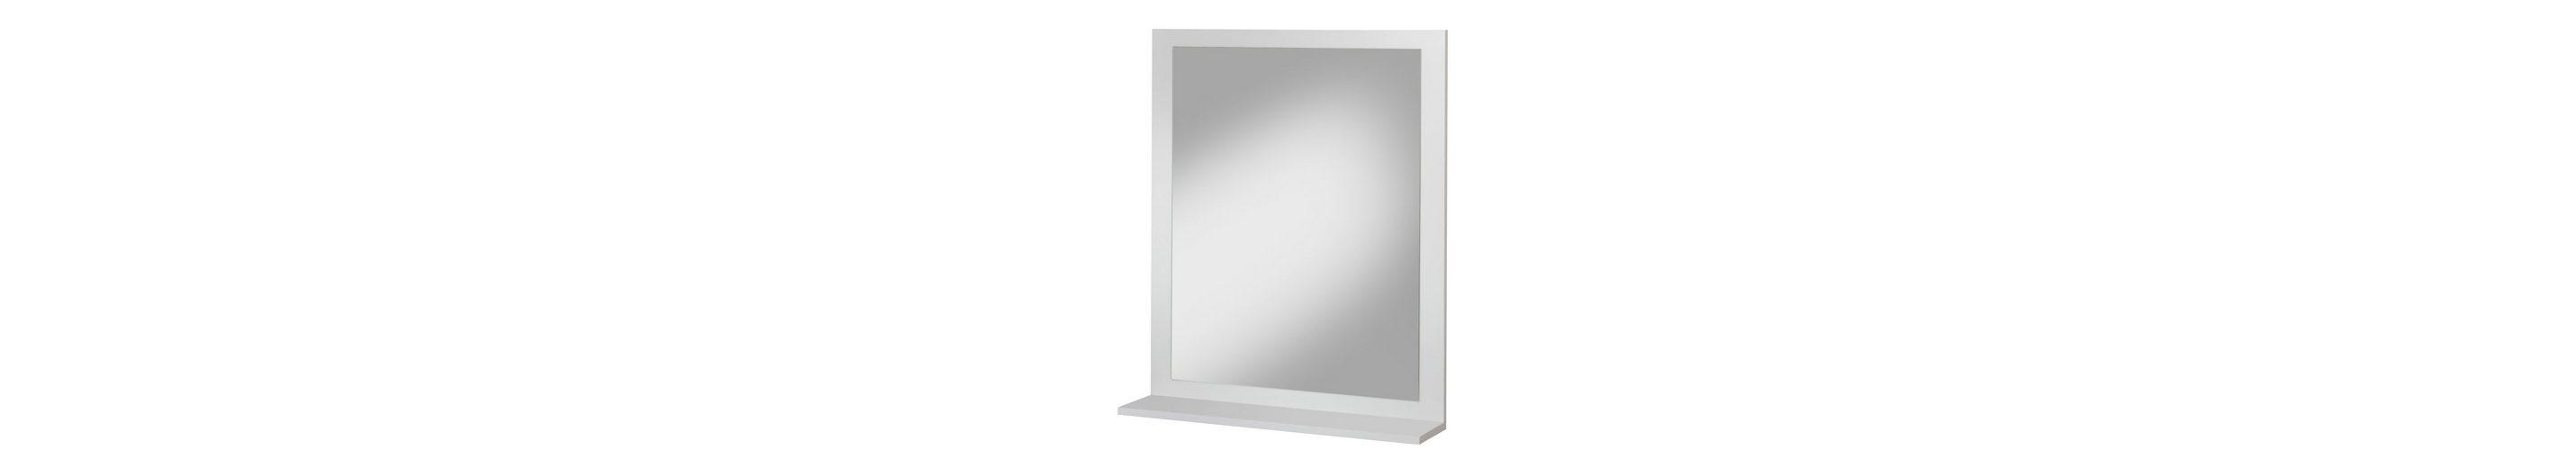 Spiegel / Badspiegel »Lugo« Breite 58,5 cm, mit Ablage